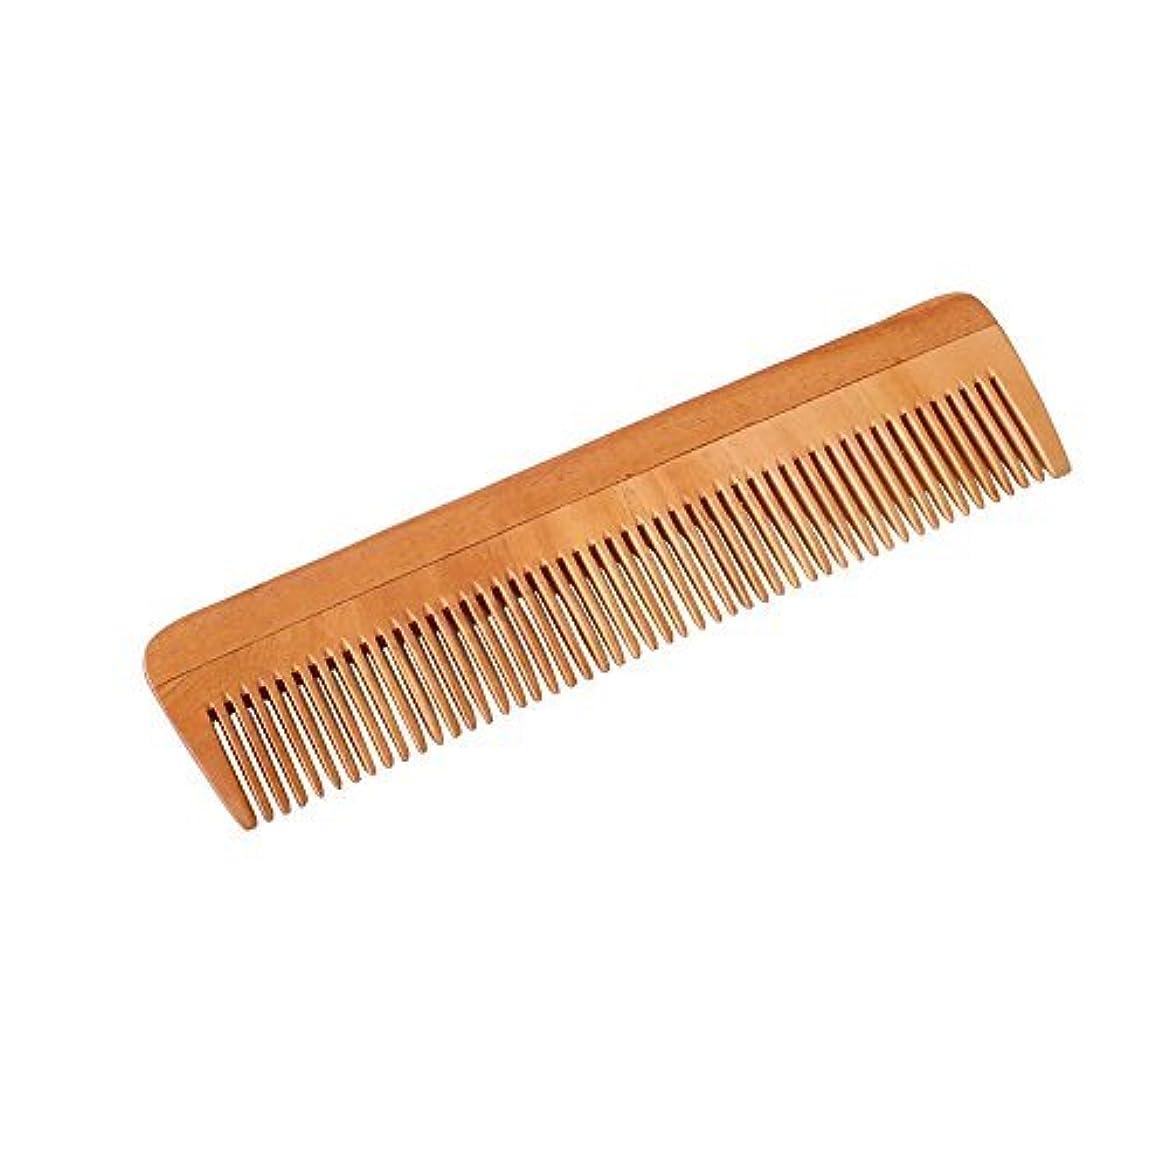 事前に接ぎ木契約したHealthAndYoga(TM) Handcrafted Neem Wood Comb - Non-Static and Eco-friendly- Great for Scalp and Hair health -7...